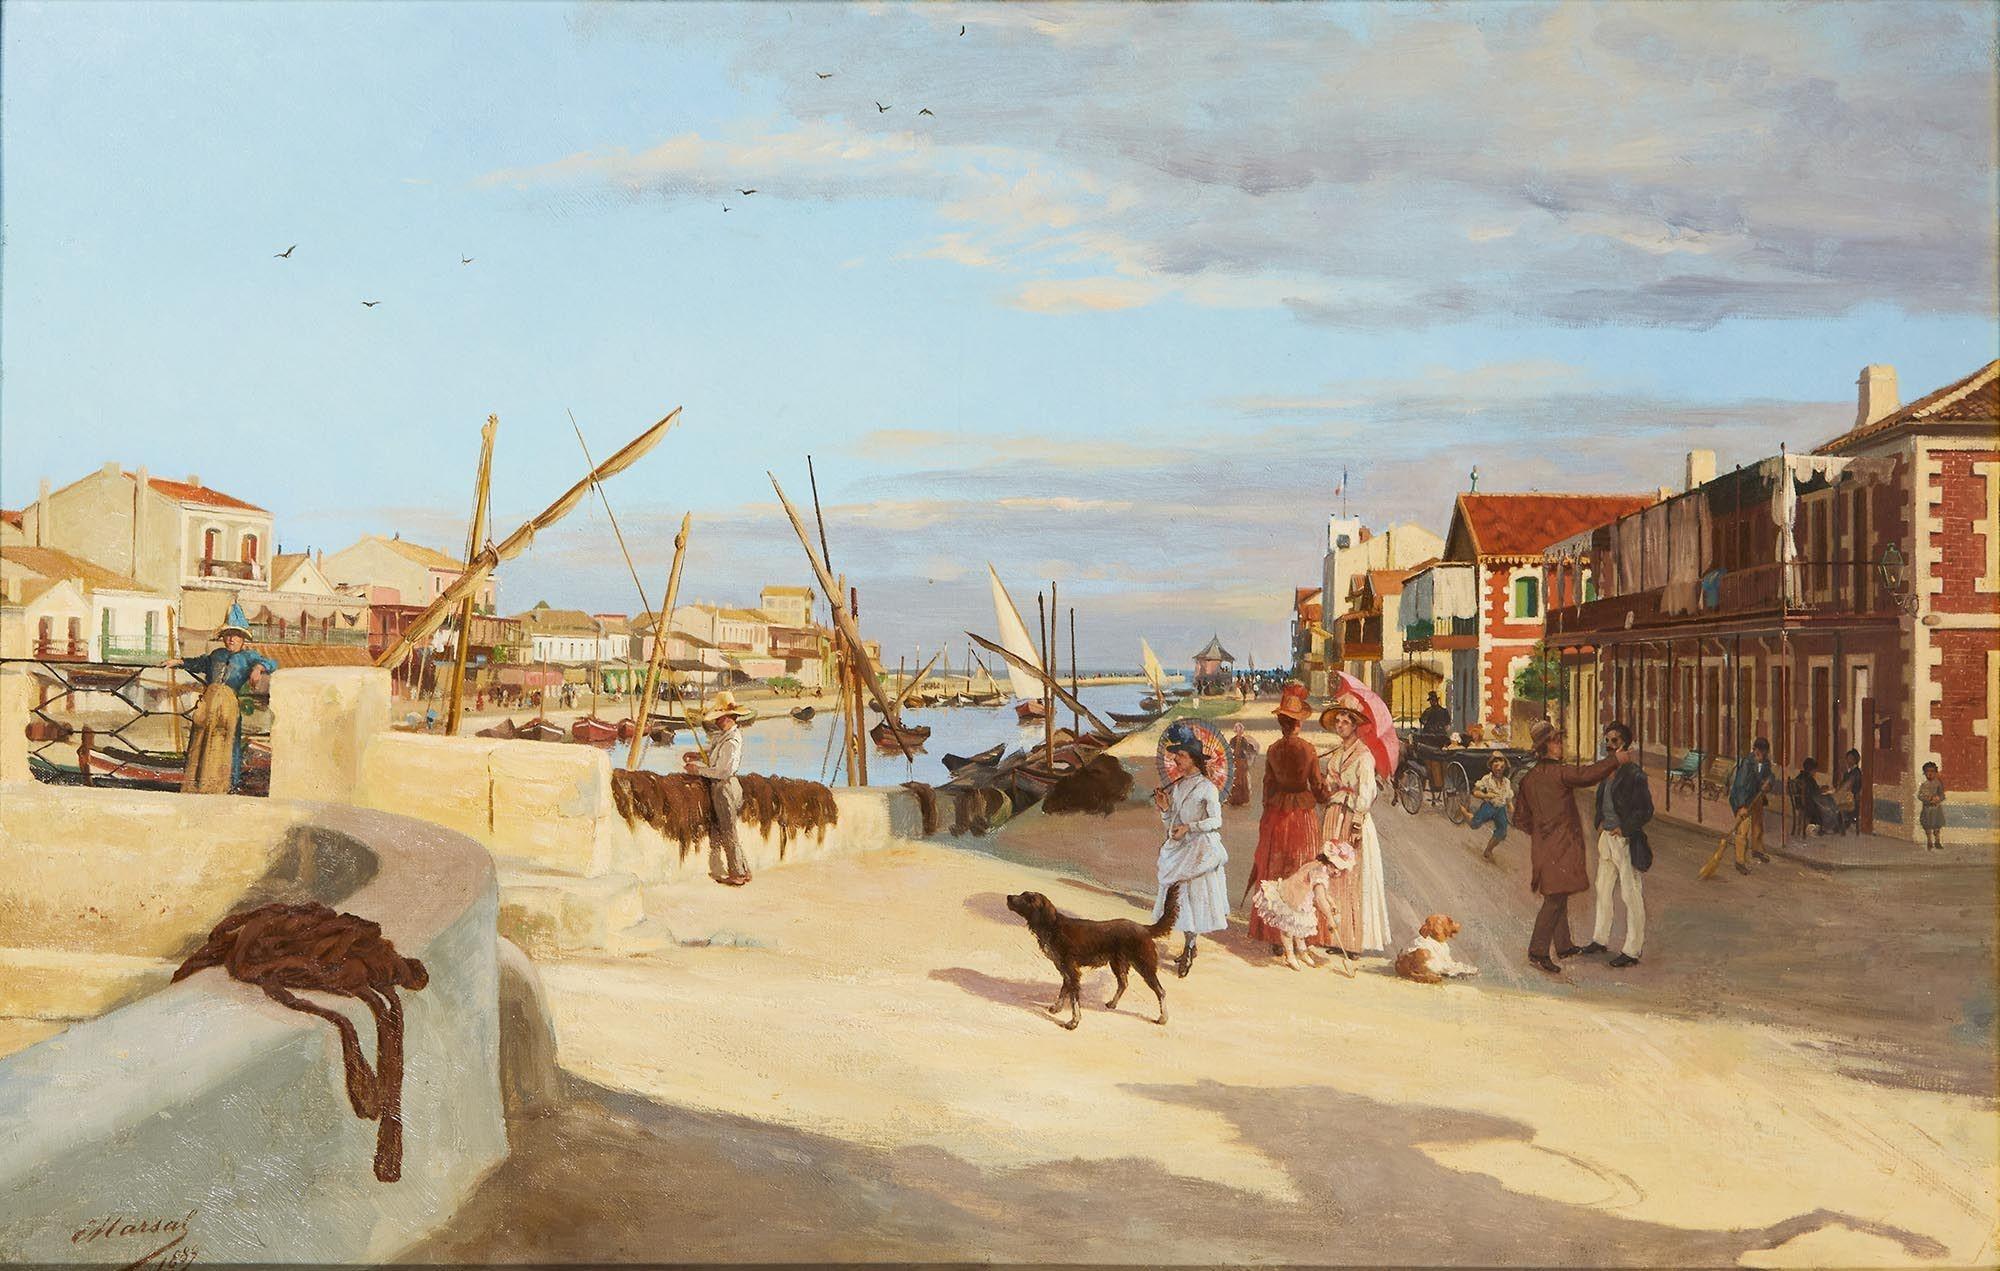 Edouard-Antoine MARSAL (1845-1929) ; Palavas-les-Flots (1889) ; Huile sur toile ; H. 55 cm - L. 100 cm